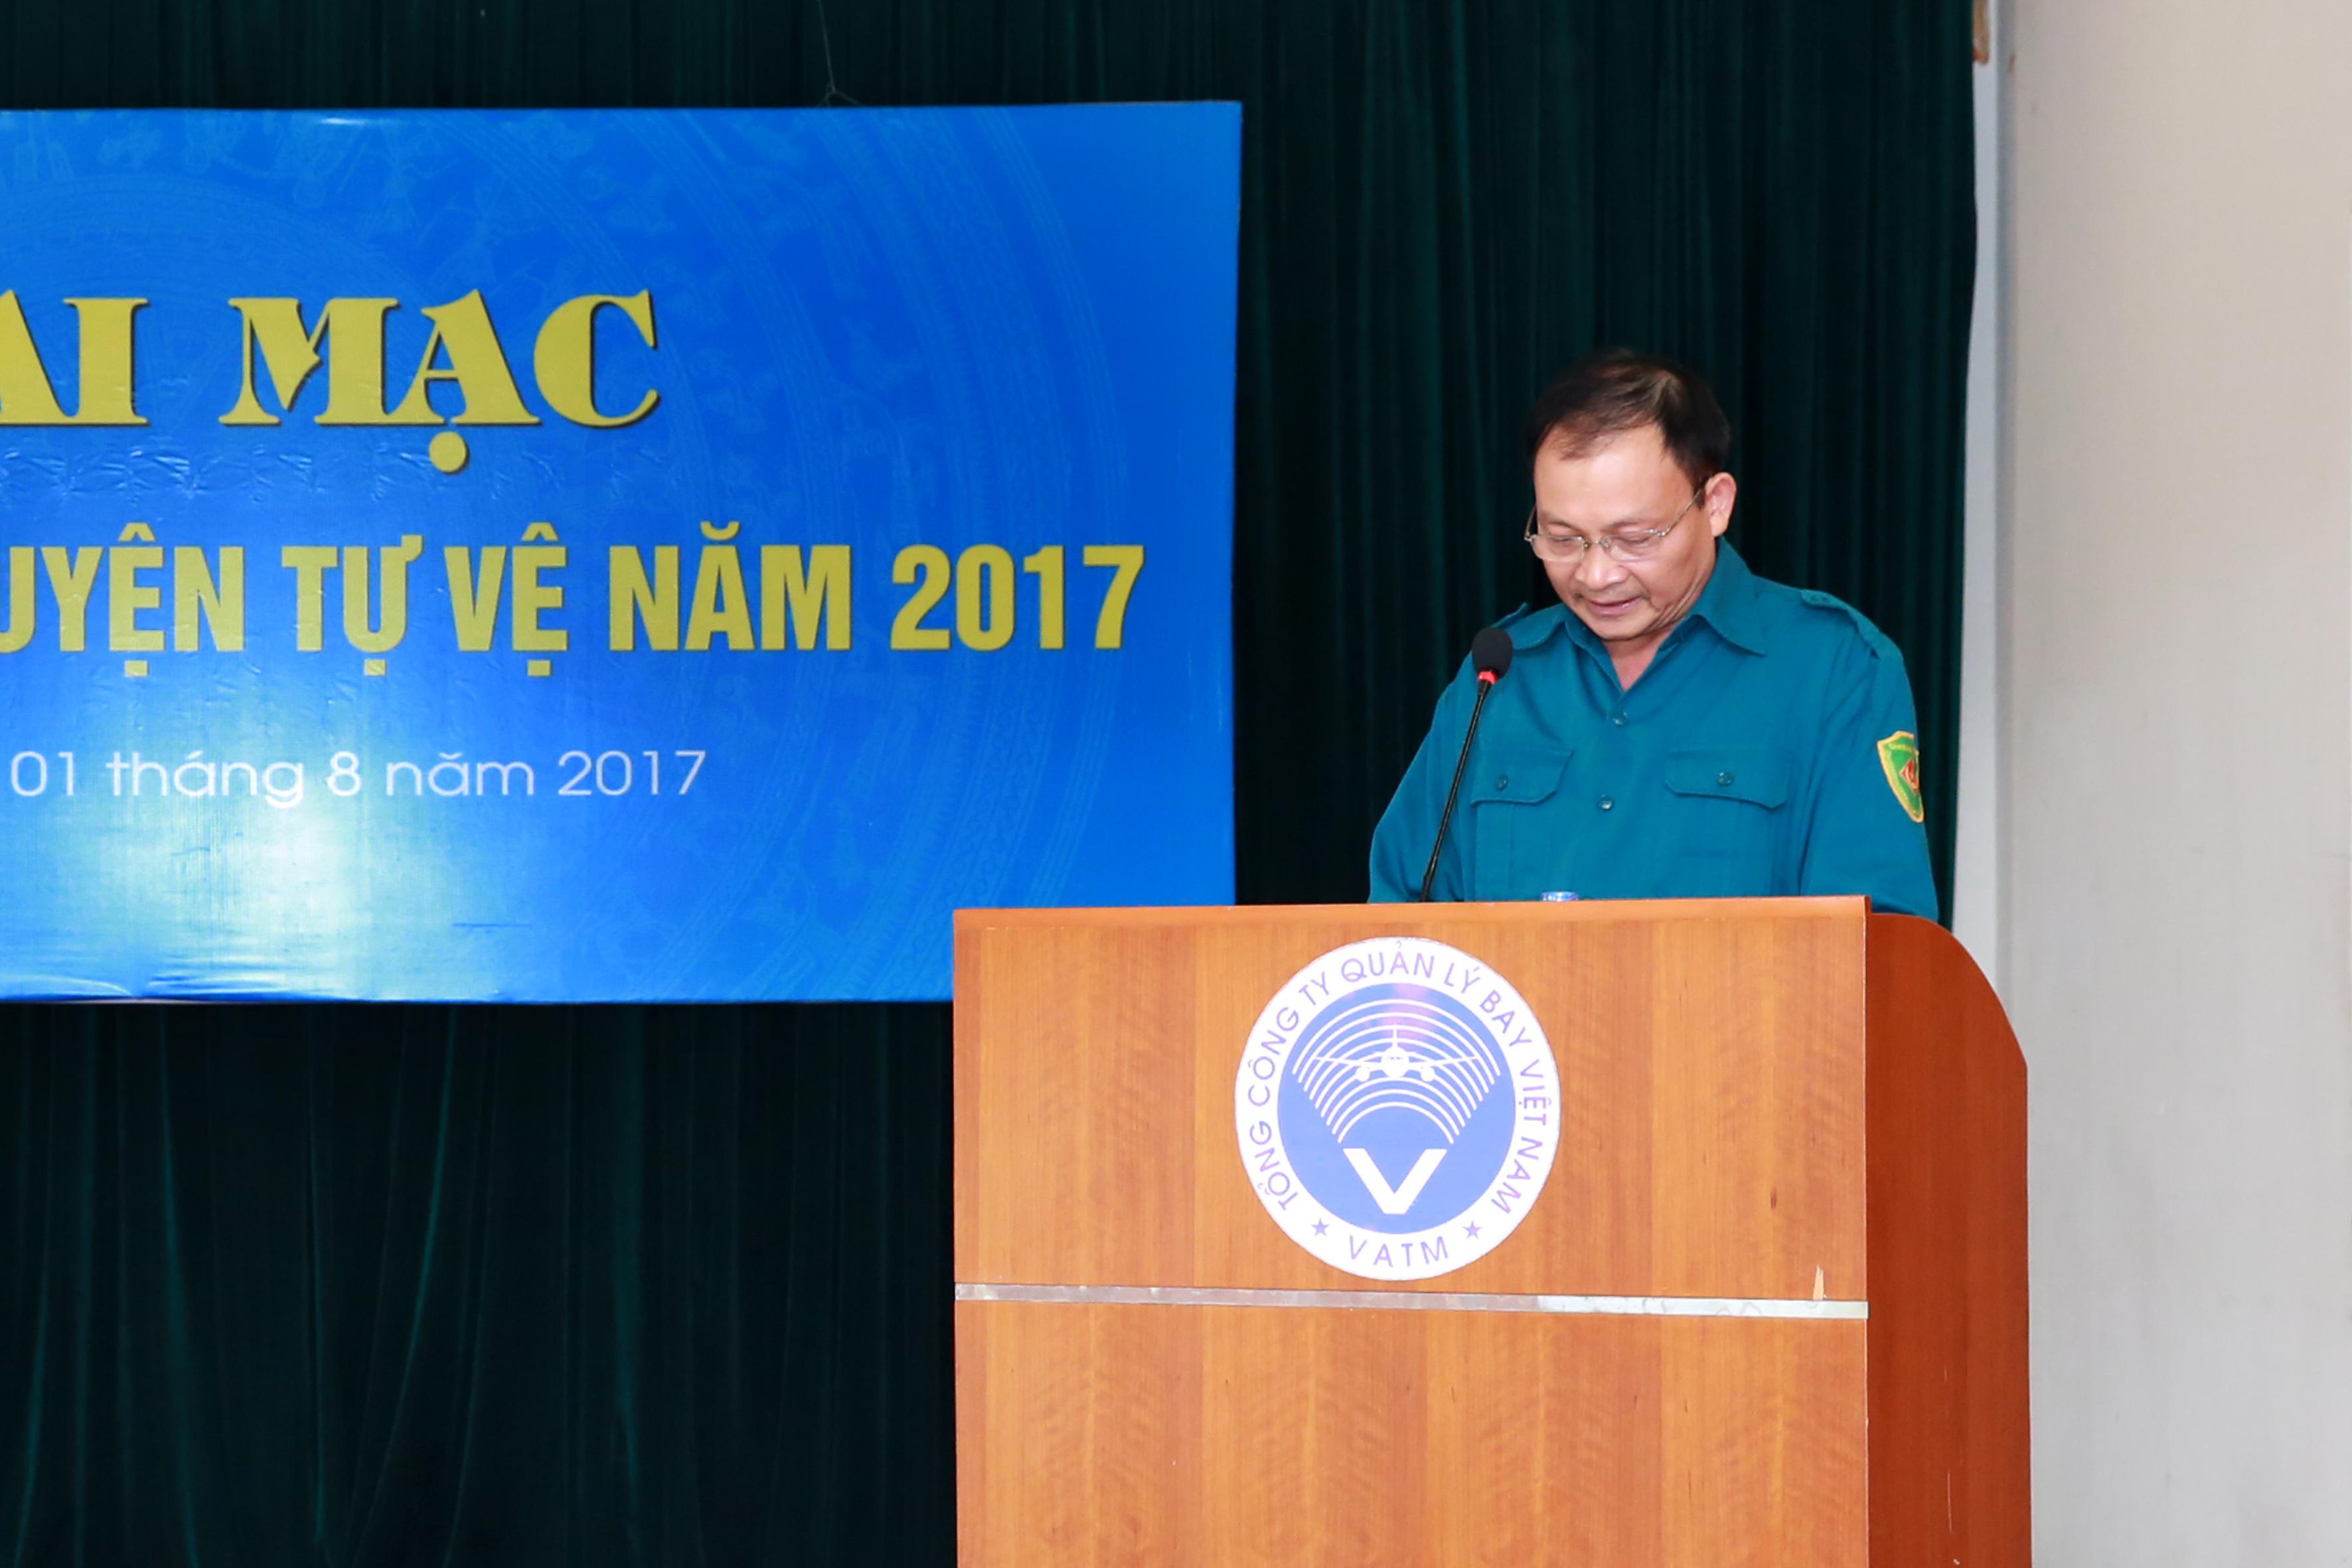 Khai mạc Tuần lễ Huấn luyện tự vệ năm 2017